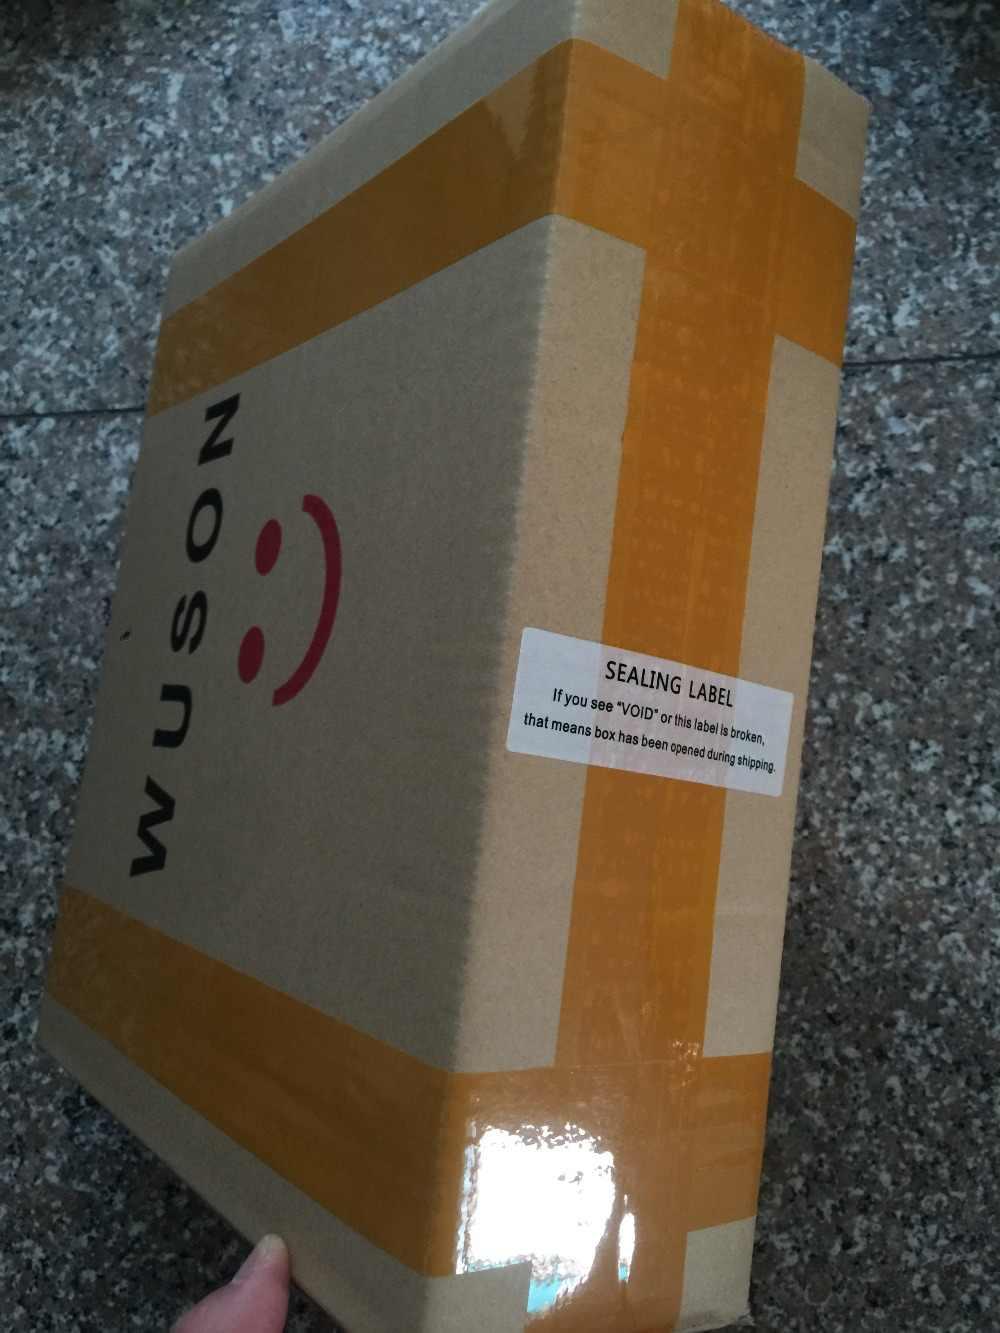 Bestseller HUANAN ZHI deluxe X79 LGA2011 moederbord met M.2 SSD slot mobo met CPU Xeon E5 1650 V2 met cooler RAM 32G (2*16G)